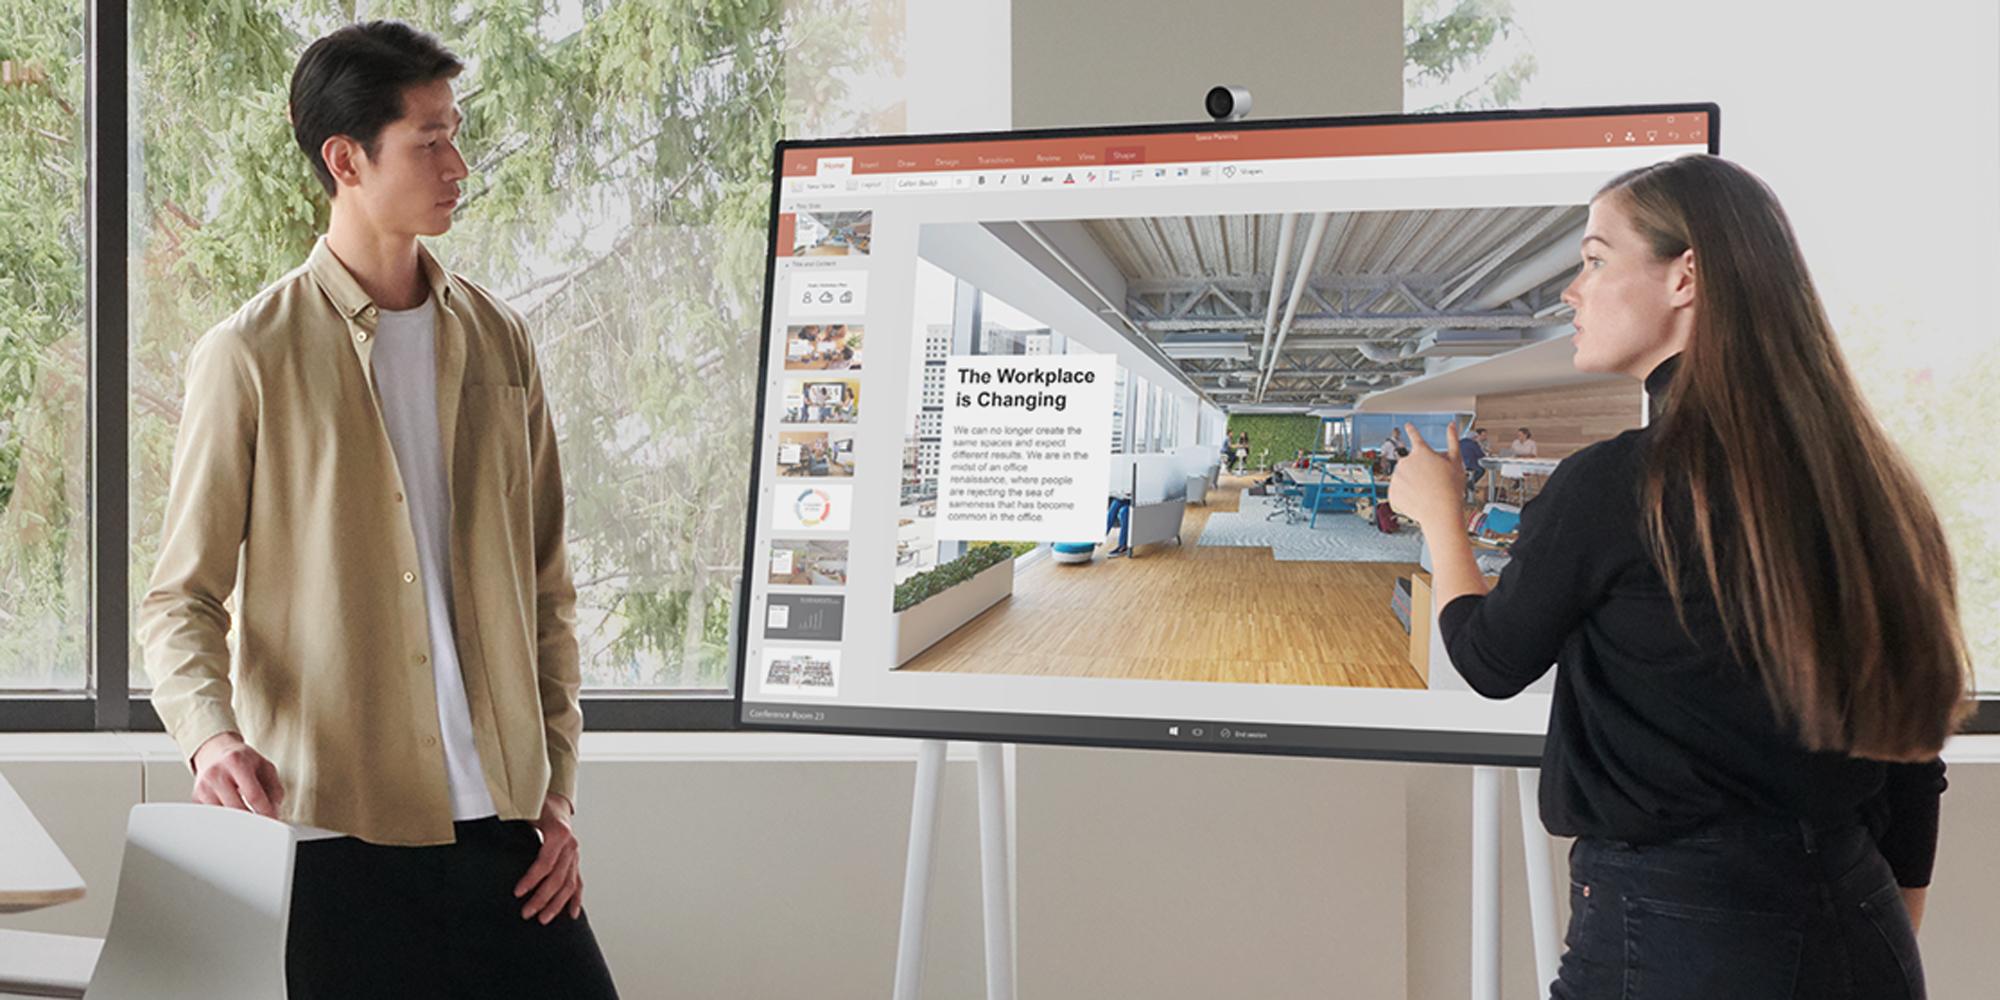 un homme et une femme debout devant un SurfaceHub2S